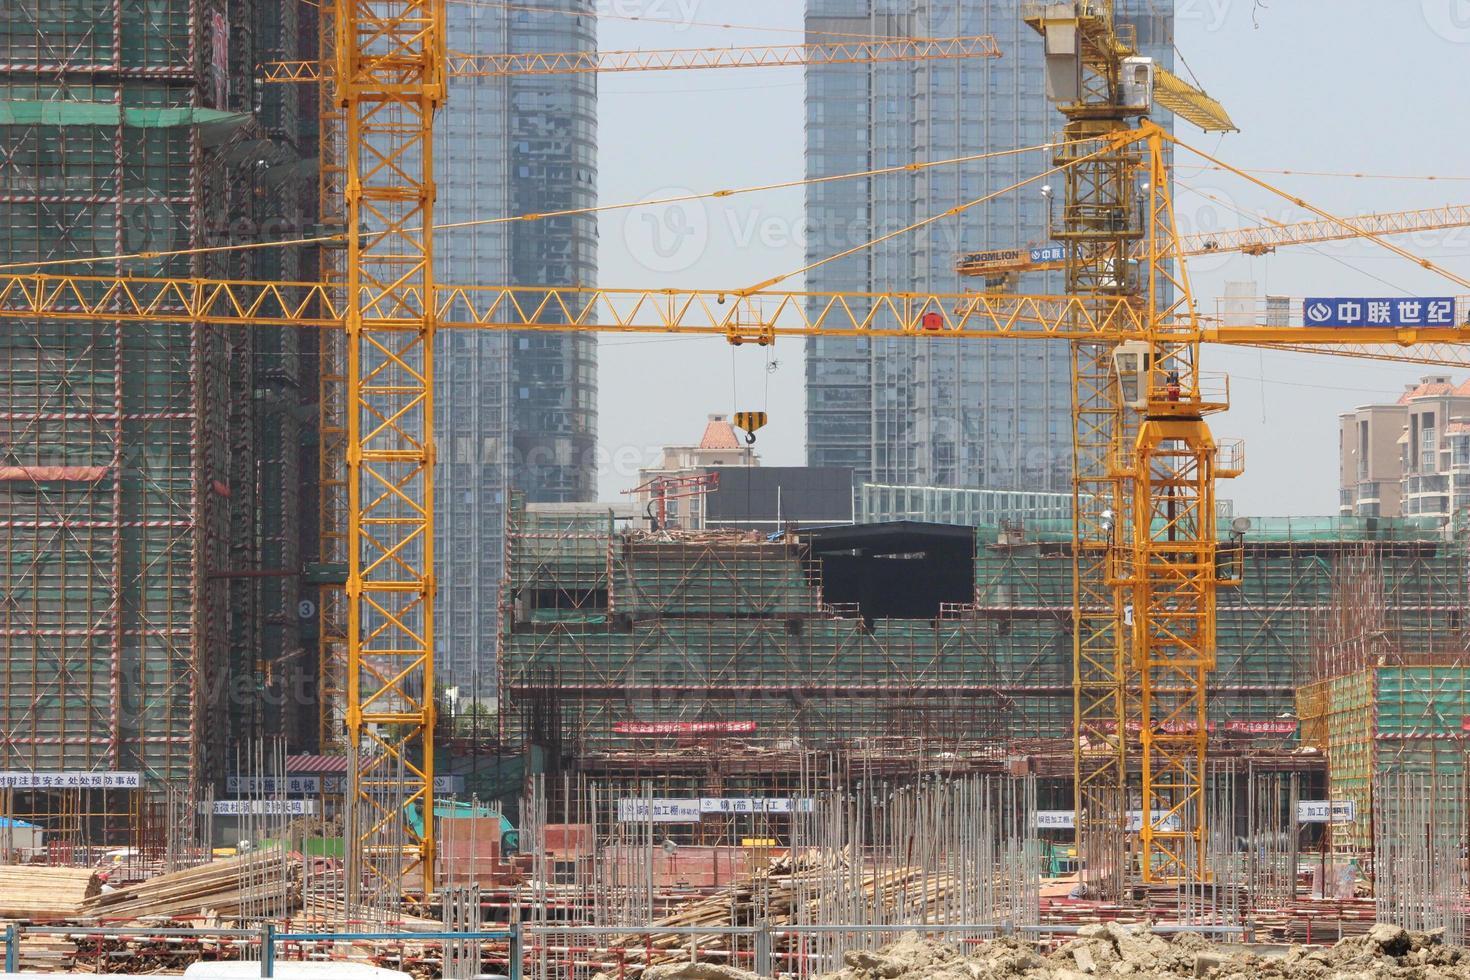 sitio de construcción chino foto